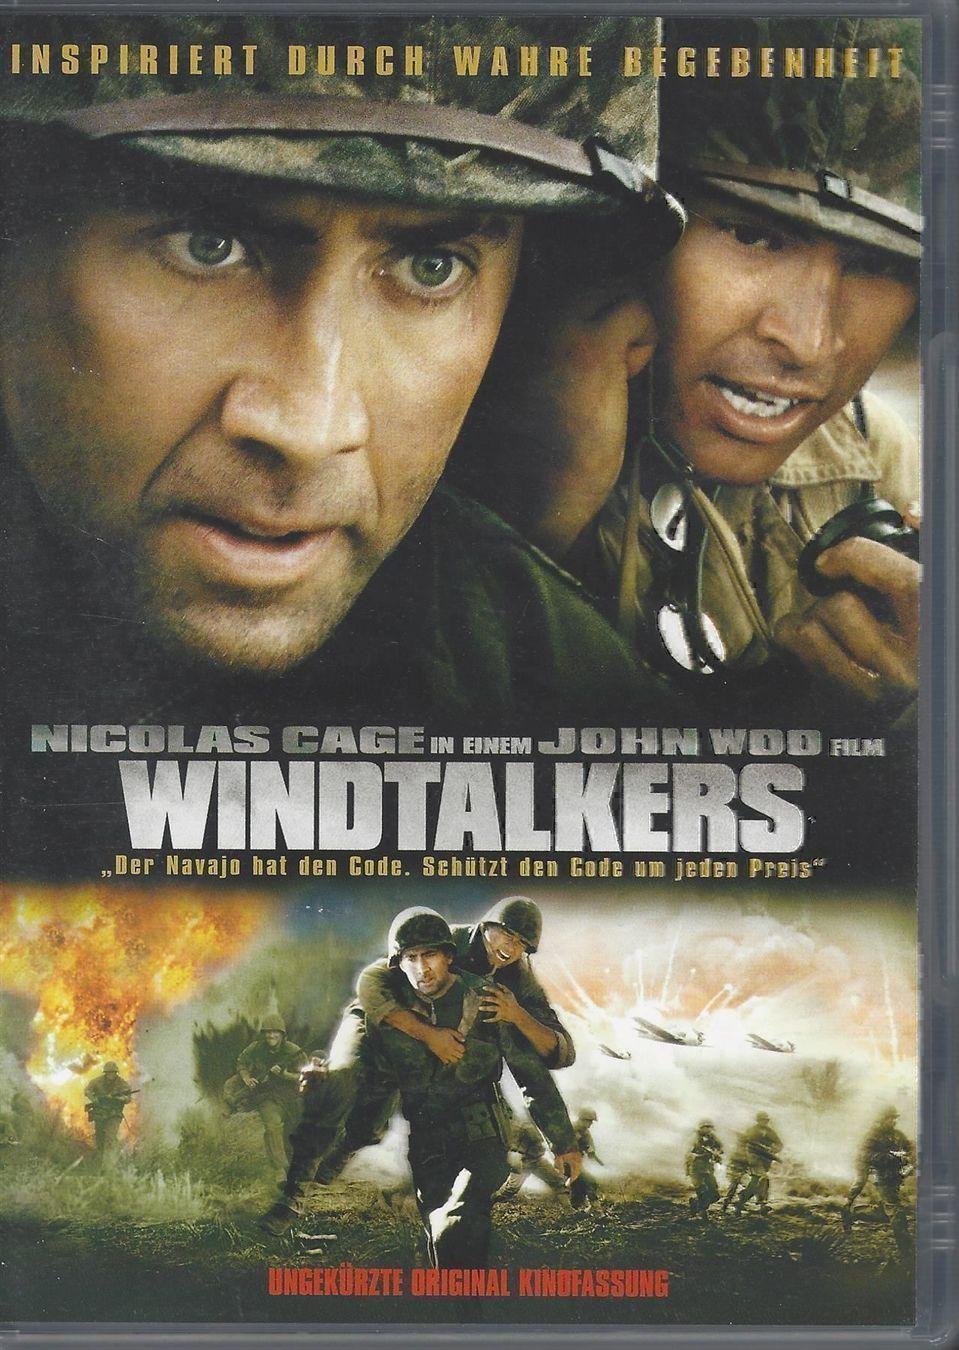 Windtalkers / Kód Navajo - v originálním znění bez CZ titulků - DVD /plast/